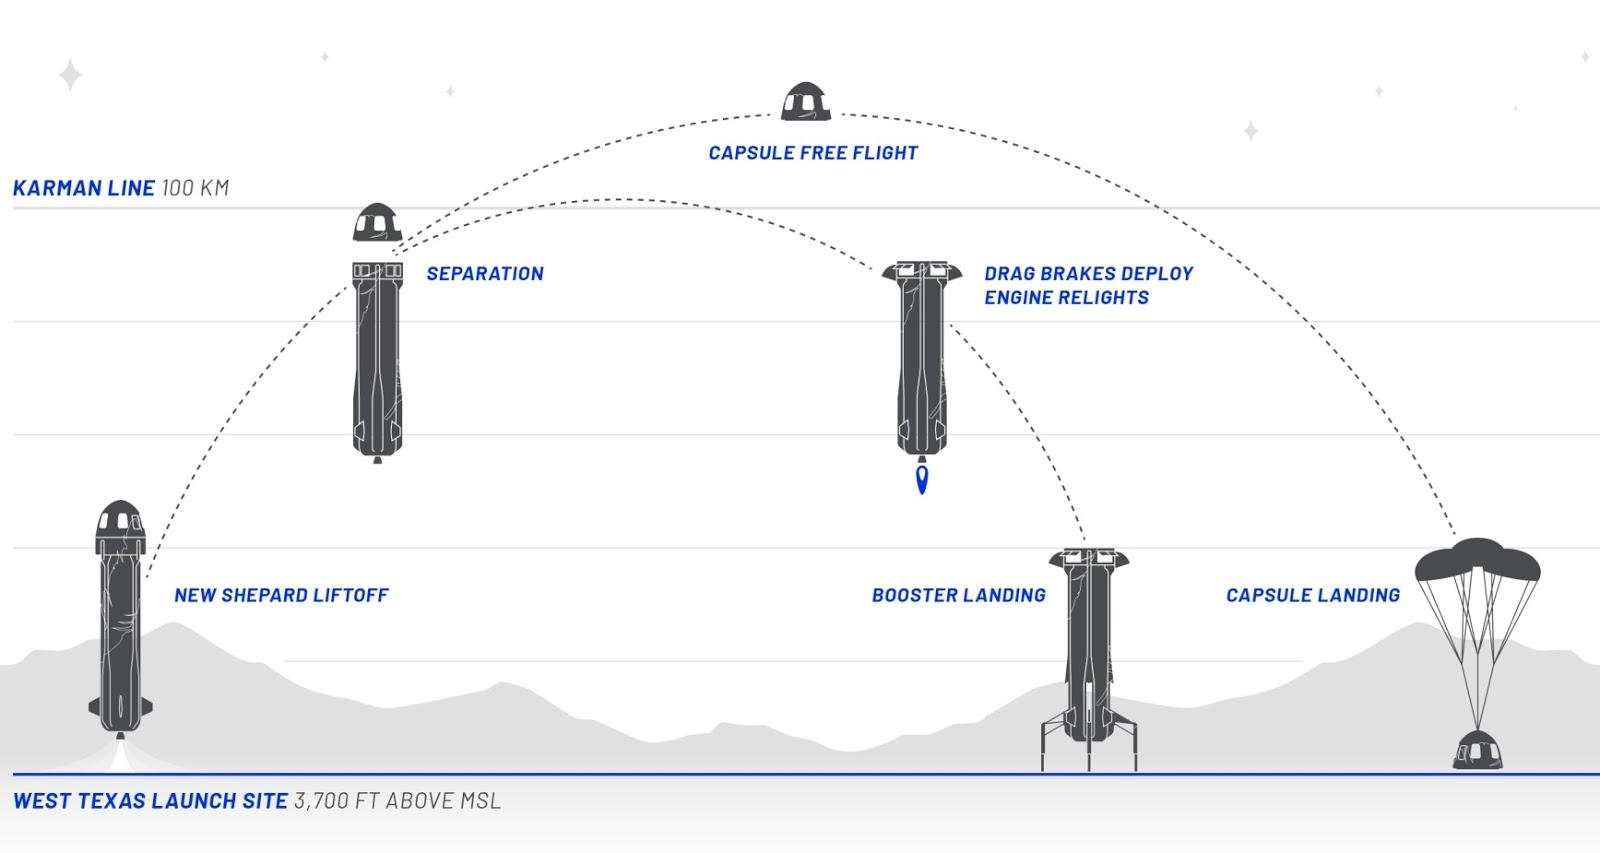 Схема полета. Источник: www.blueorigin.com